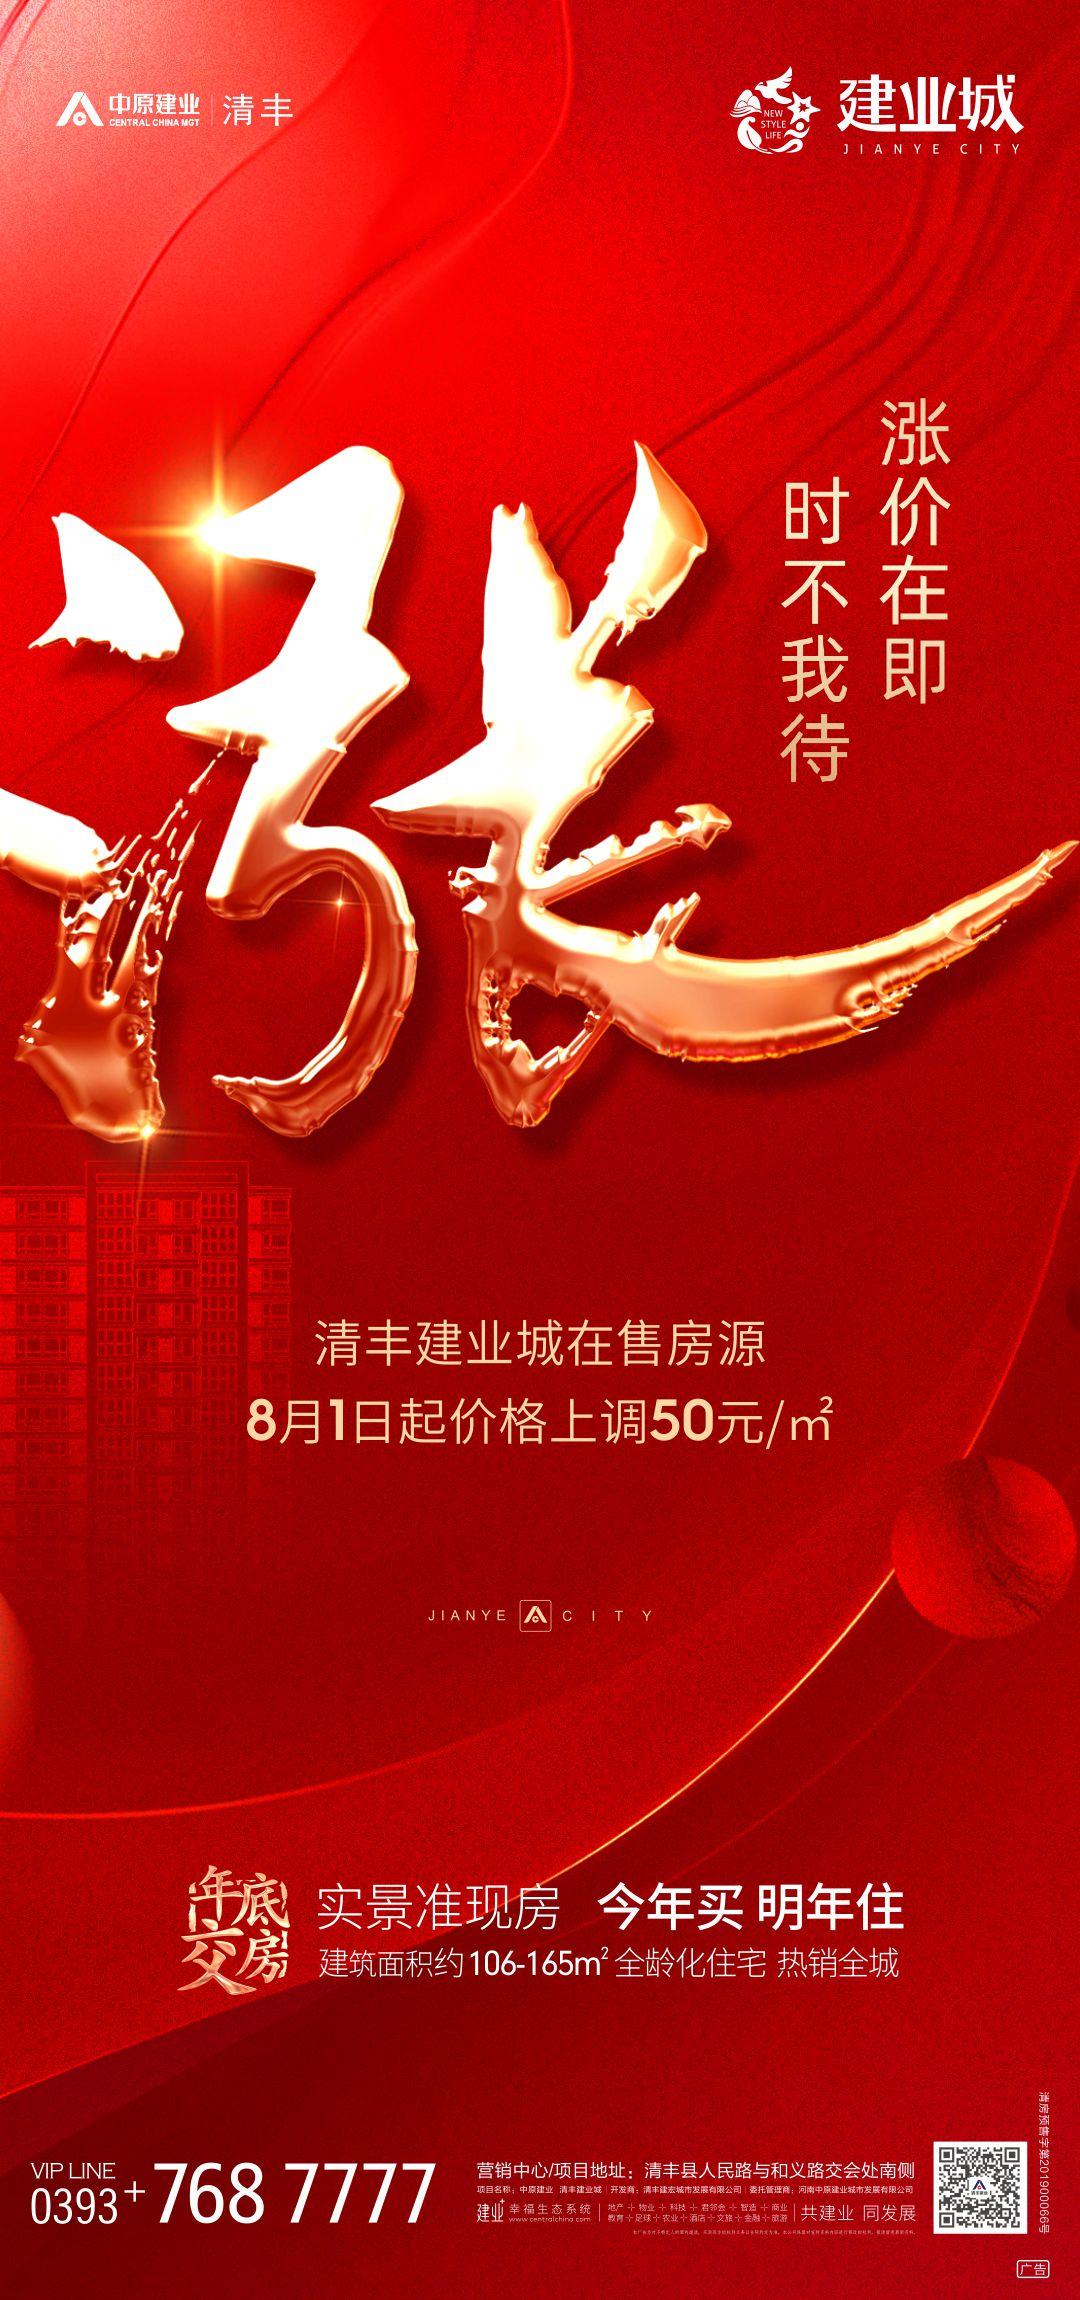 海报设计宣传页折页单页彩页单图宣传品展架日用百货汽车